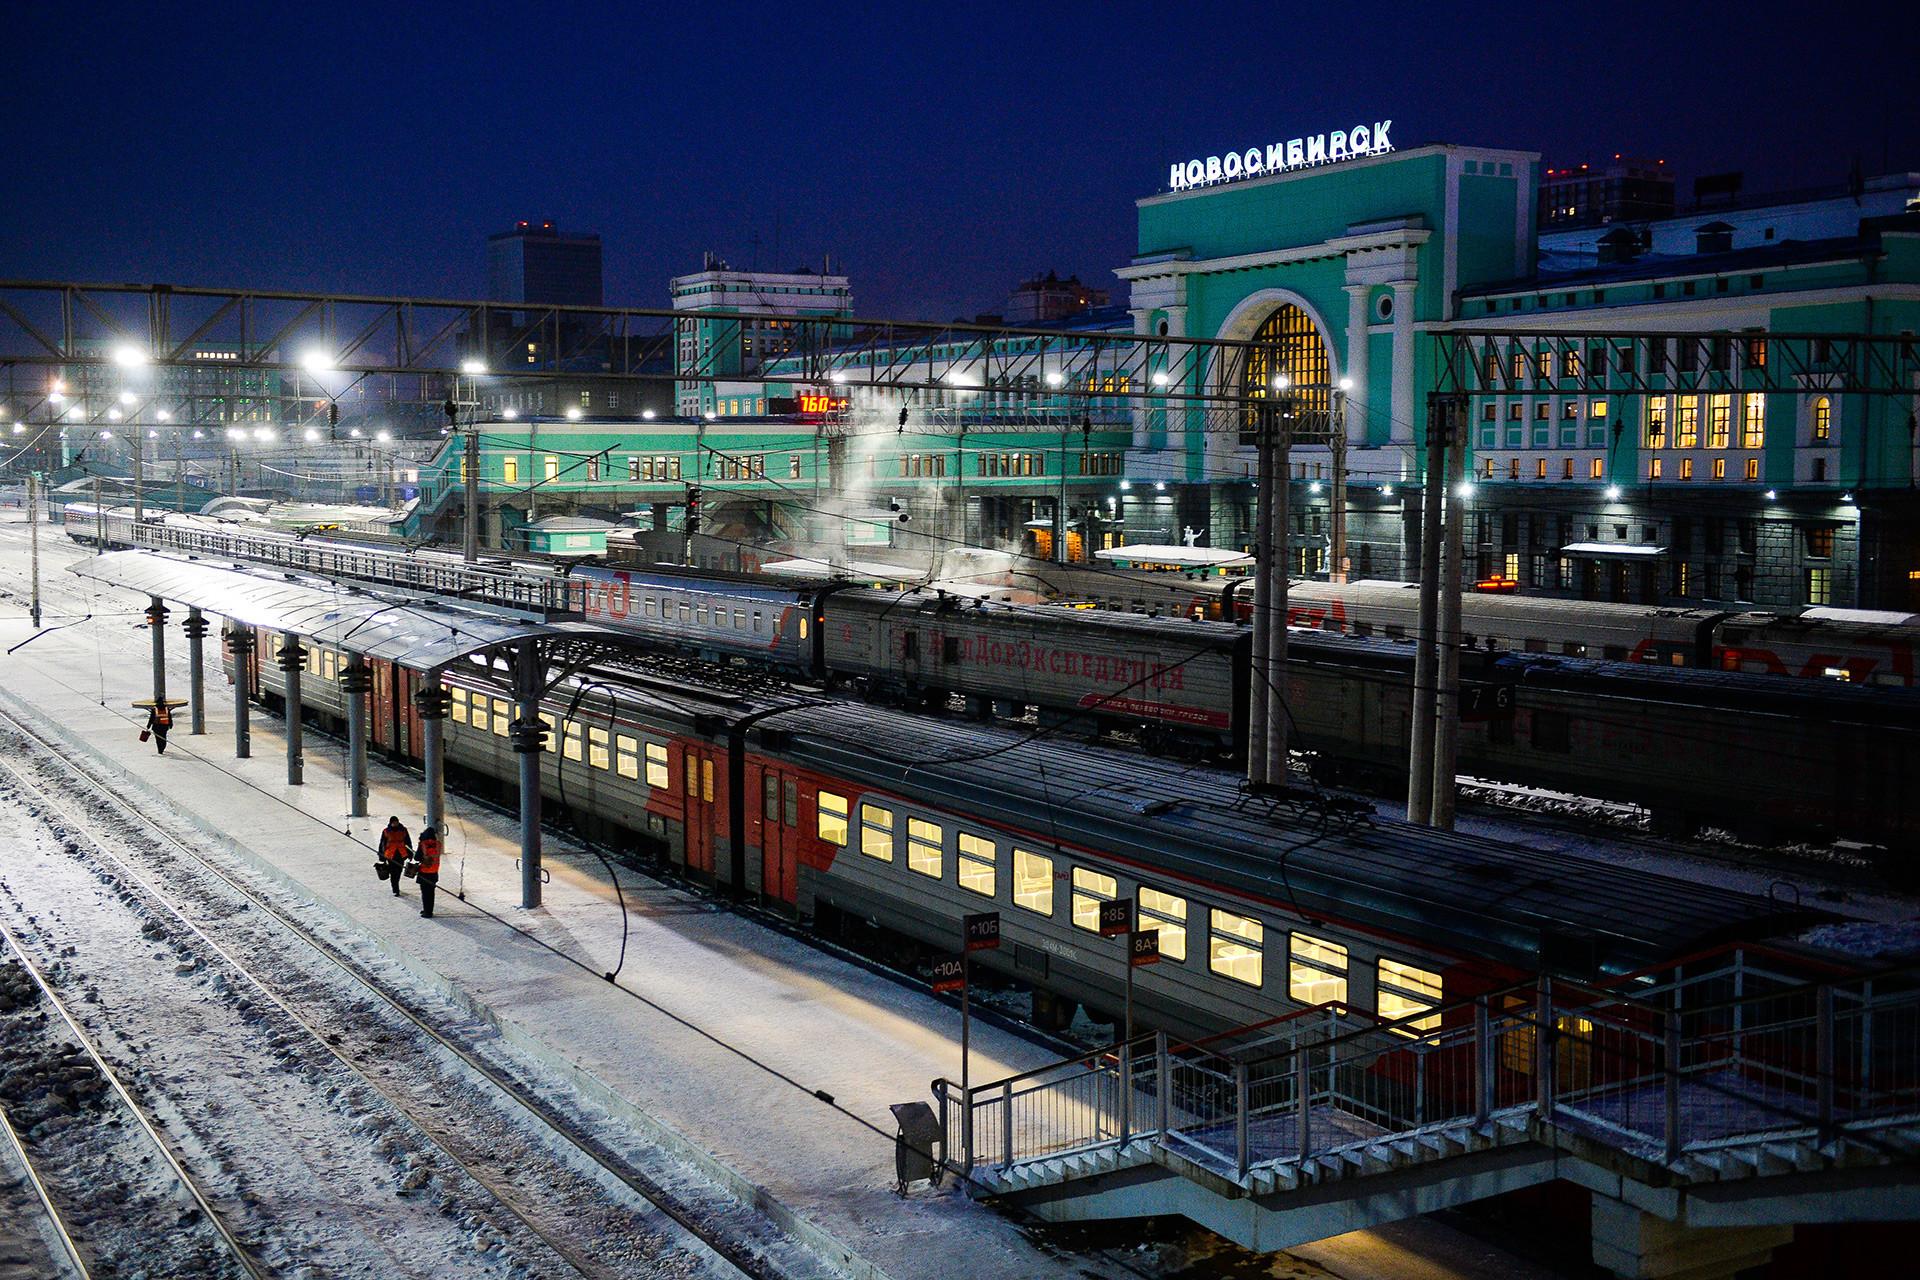 Kebanyakan orang Siberia percaya bahwa ibu kota Rusia harus dipindahkan ke Siberia.